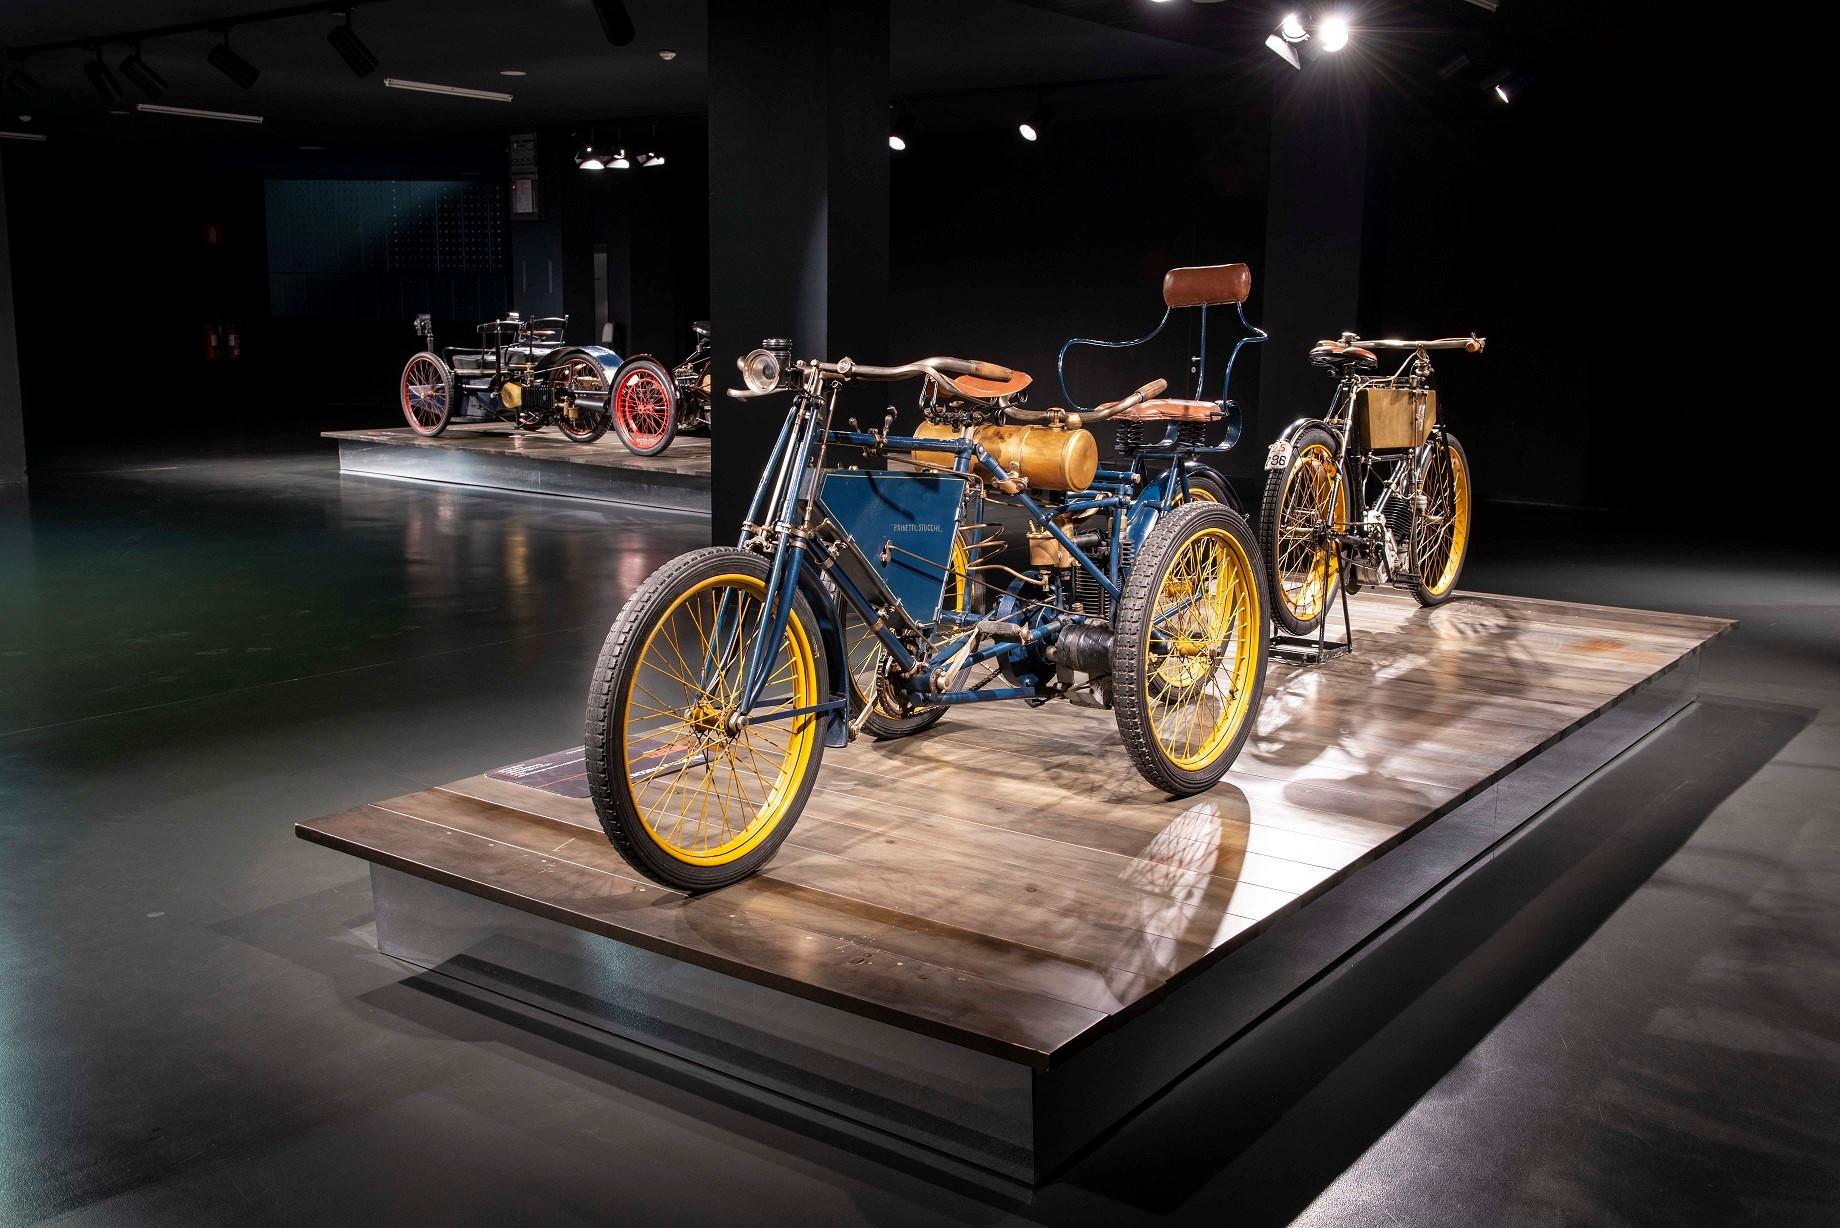 In esposizione dopo oltre 15 anni alcuni motocicli della collezione del museo.